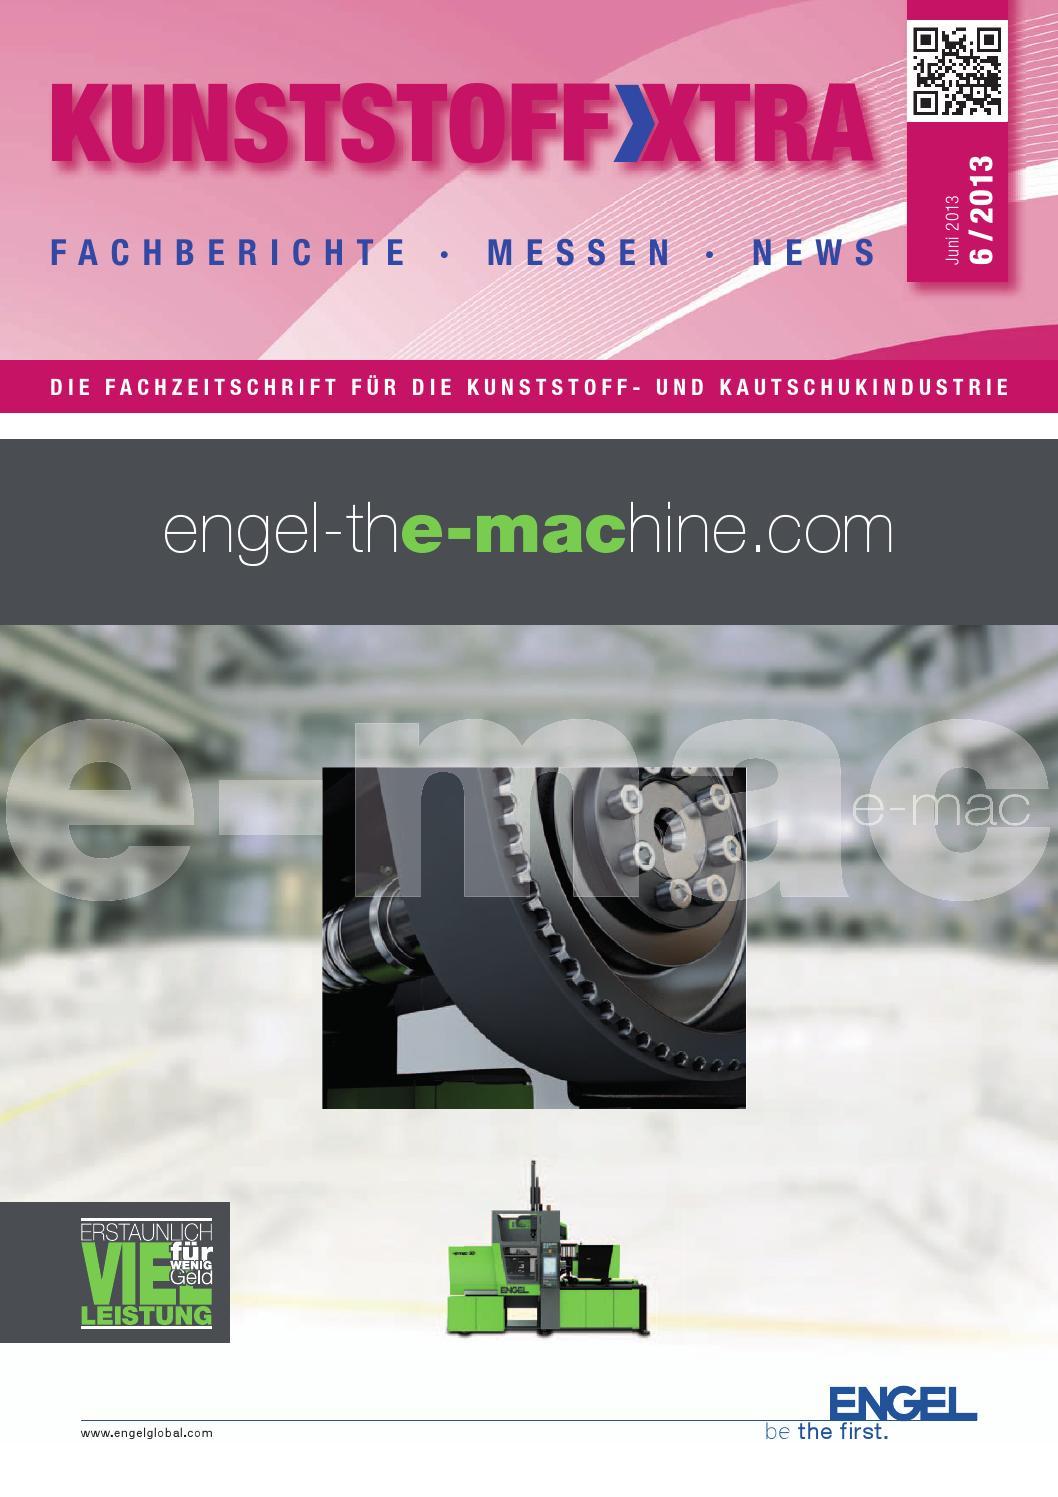 81399 kunststoffxtra broschüre 0613 by SIGWERB GmbH - issuu